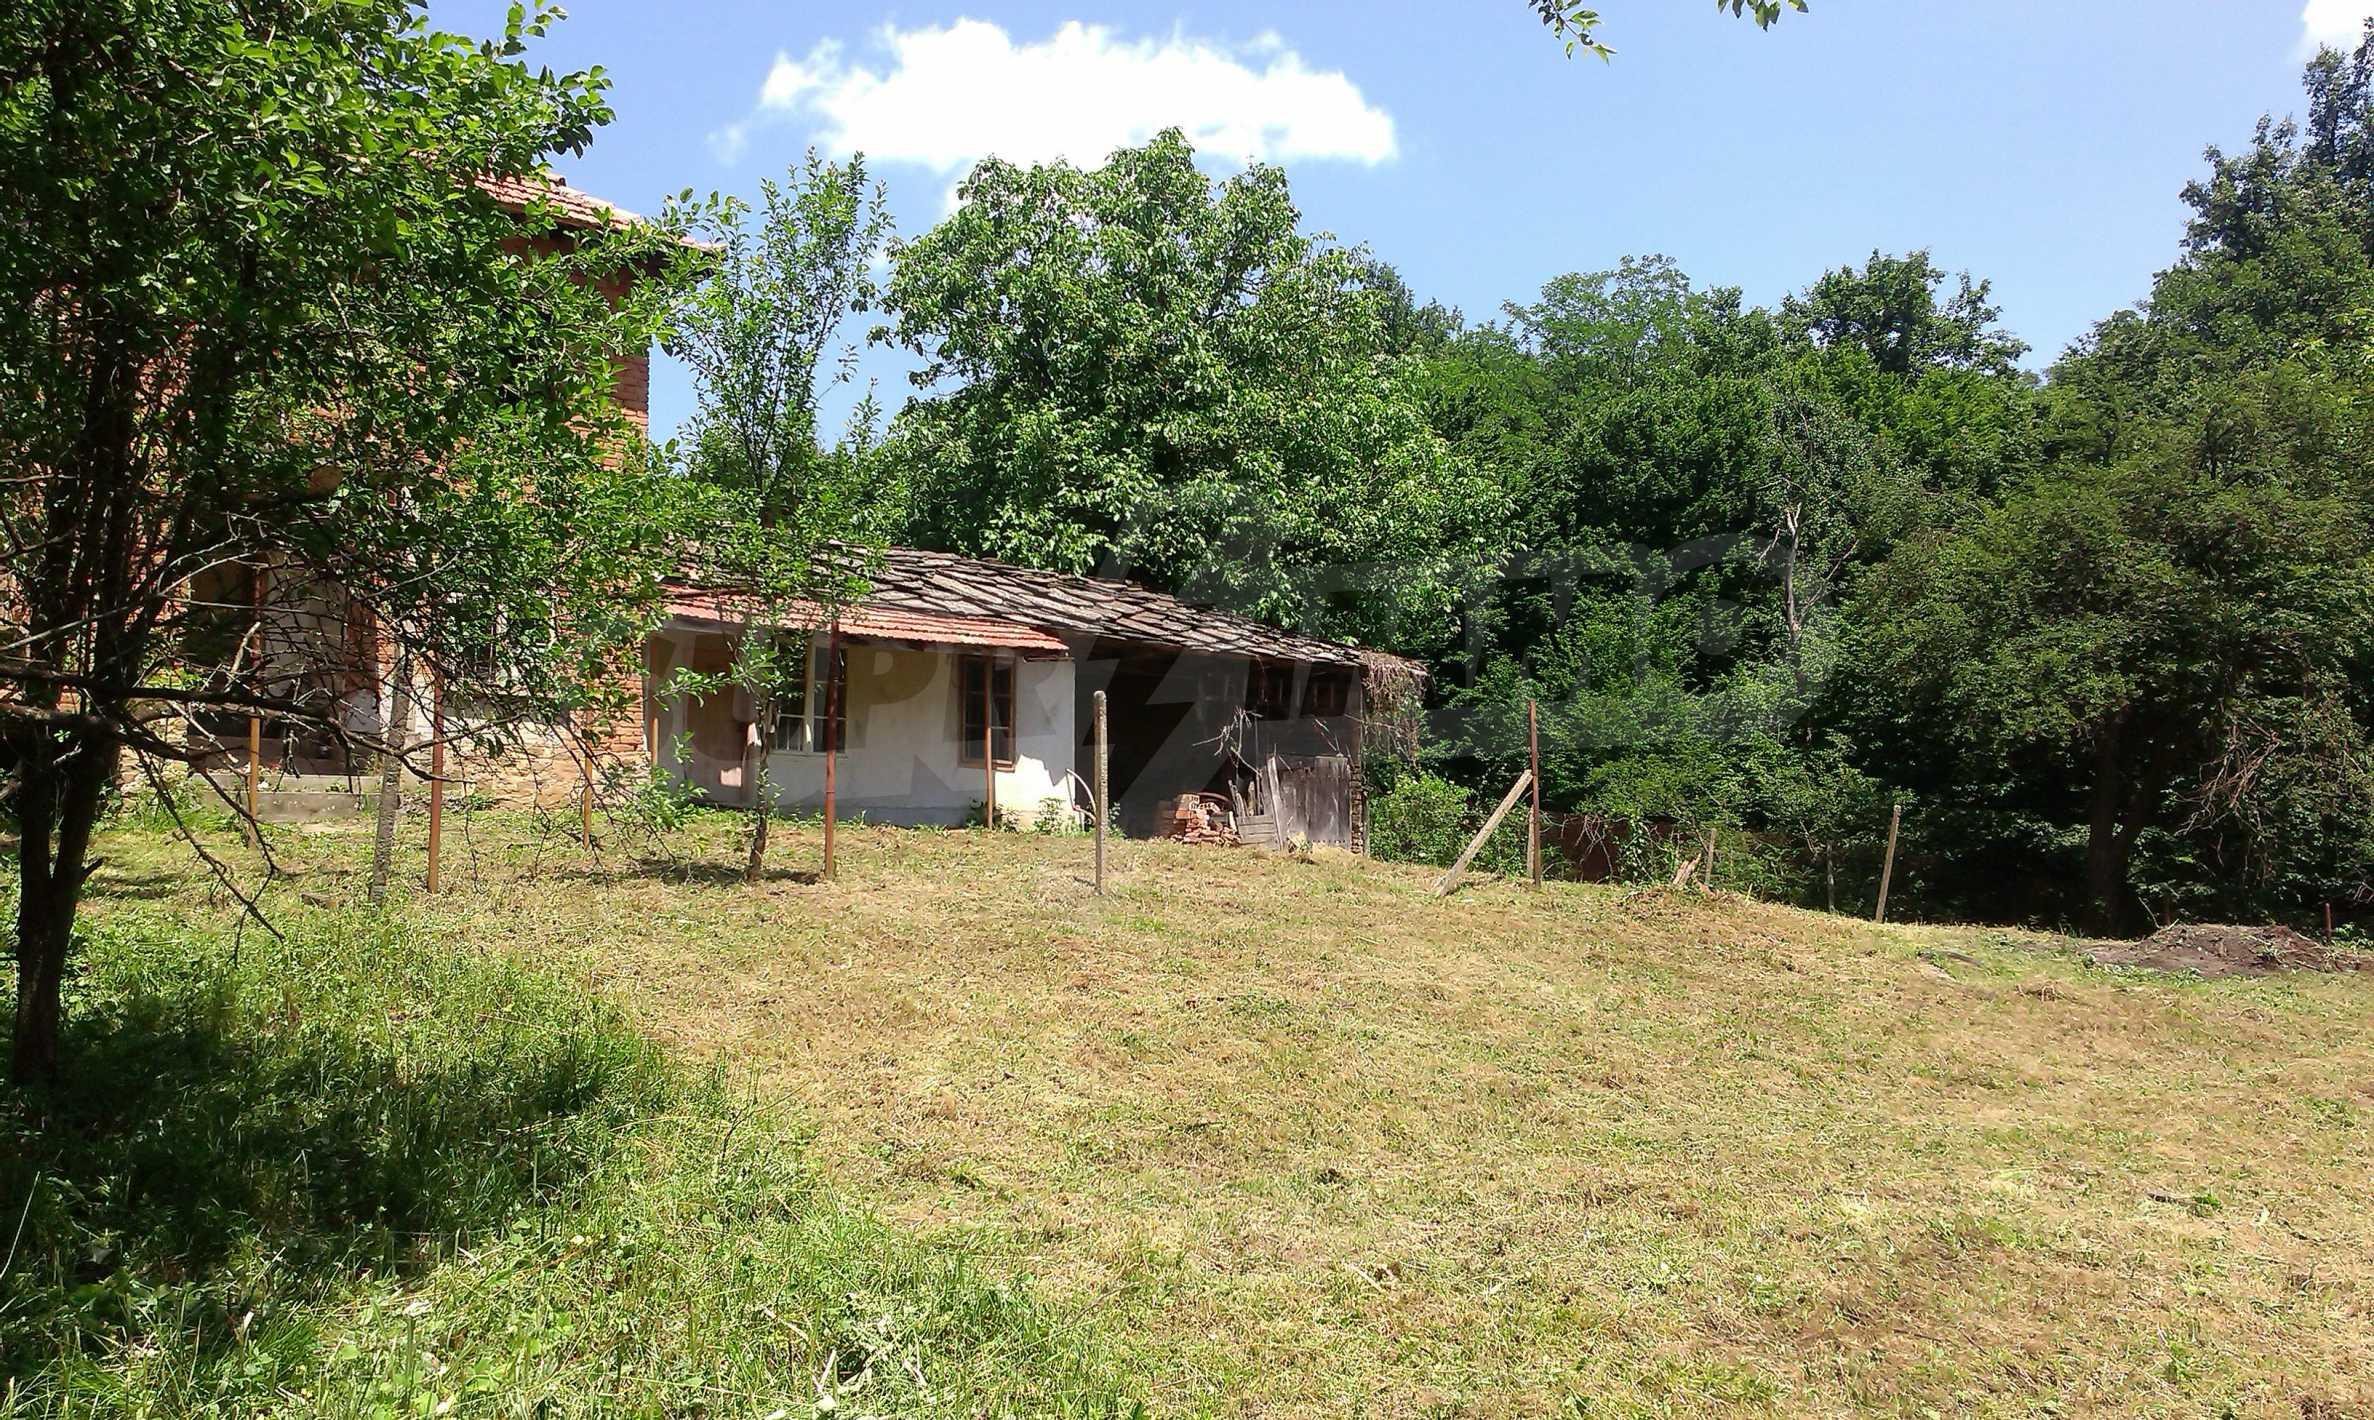 Двуетажна тухлена къща на 40 км от Велико Търново  34